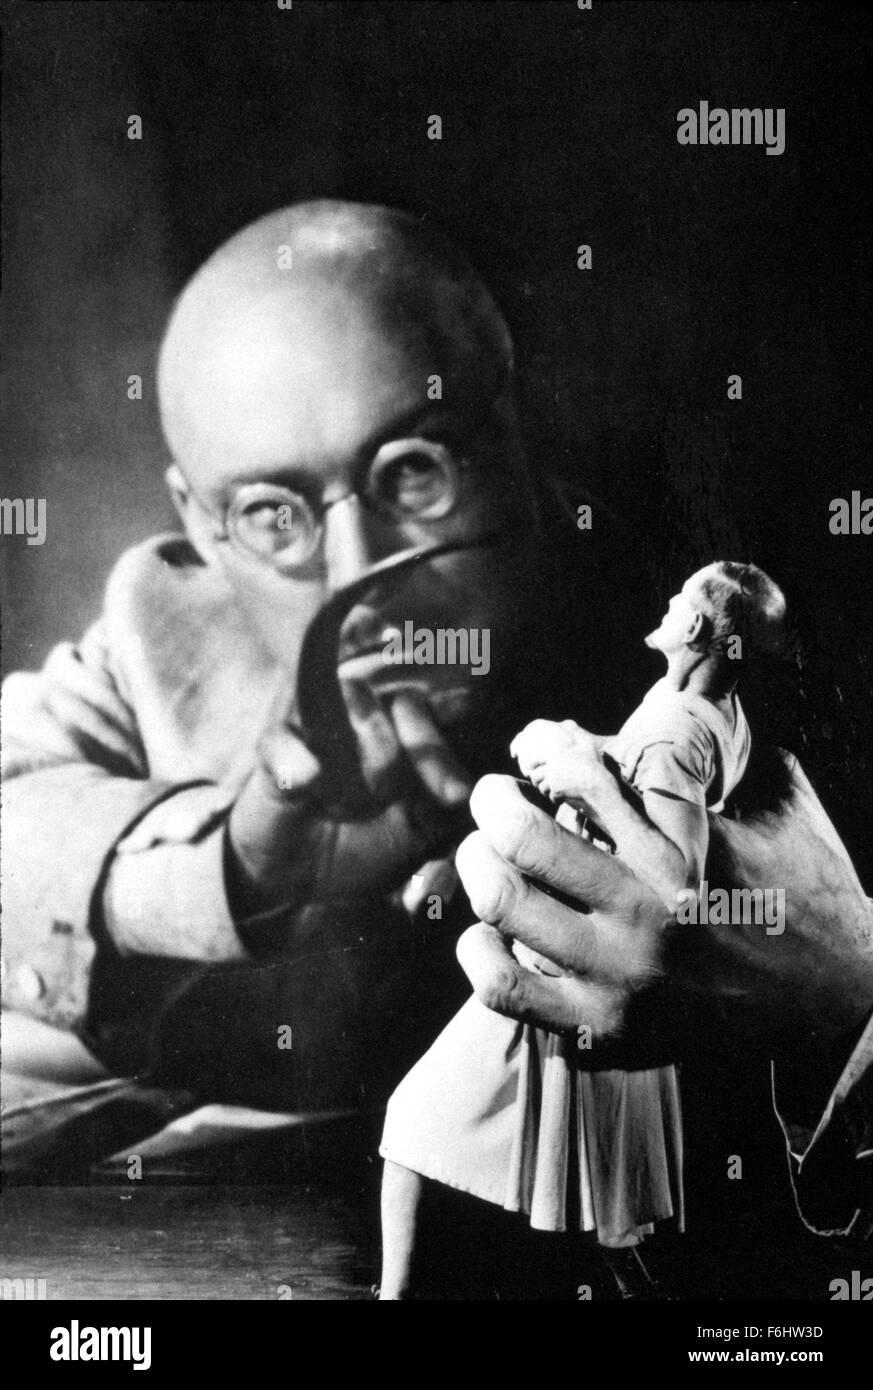 1940, Film Title: DR. CYCLOPS, Director: ERNEST SCHOEDSACK, Studio: PARAMOUNT, Pictured: ALBERT DEKKER, CHARLES - Stock Image